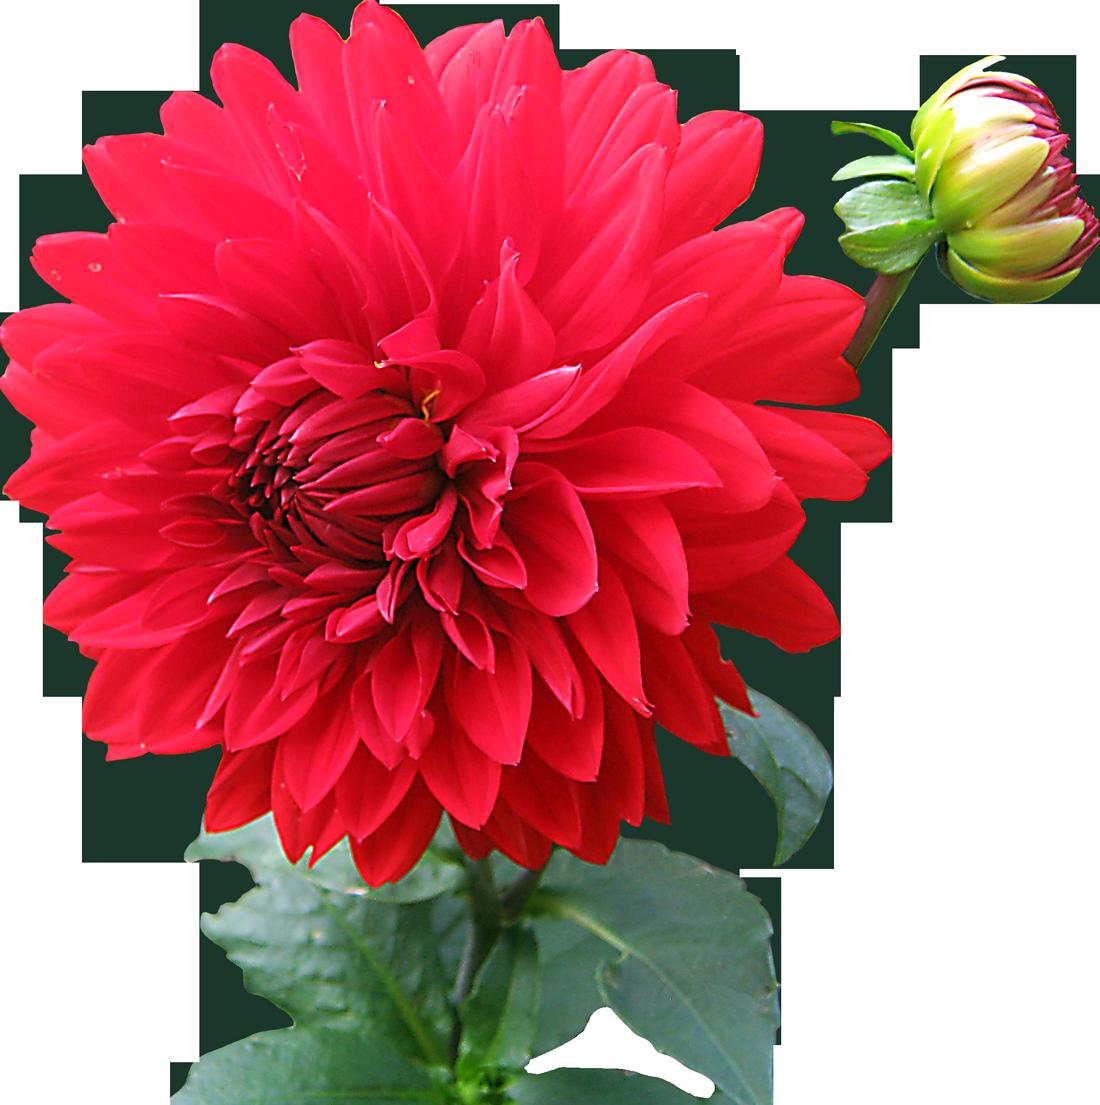 Dahlia flower clipart clip transparent Dahlia Flower PNG Image - PurePNG | Free transparent CC0 PNG Image ... clip transparent